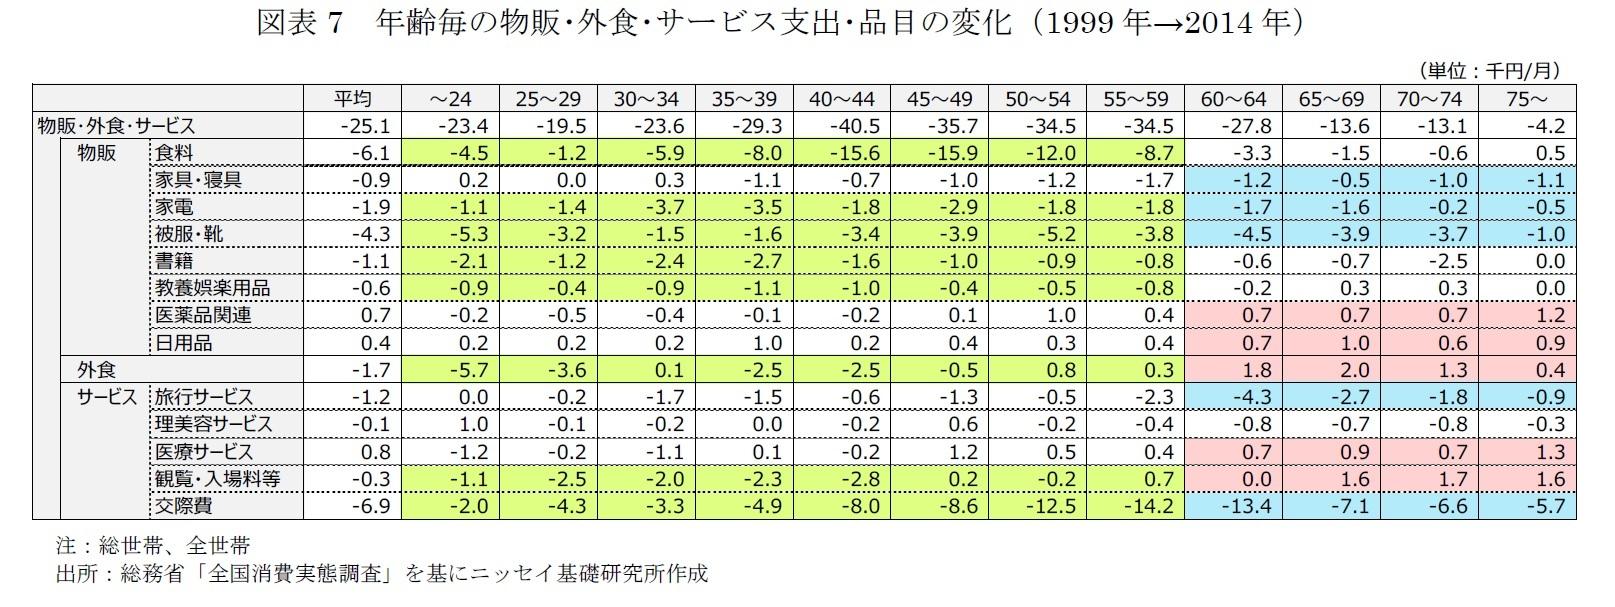 図表7 年齢毎の物販・外食・サービス支出・品目の変化(1999年→2014年)